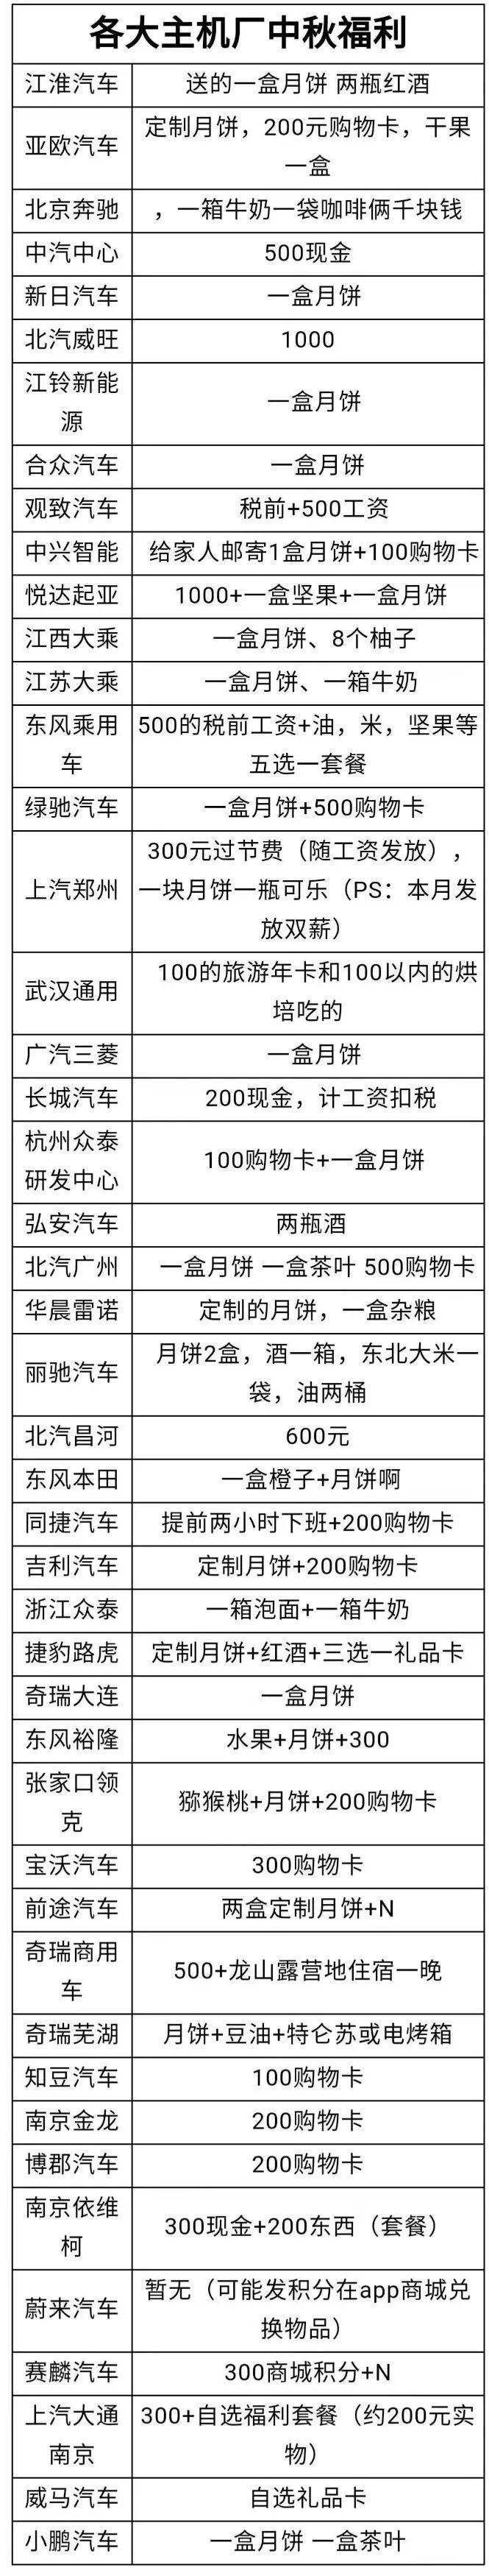 """各车企中秋福利统计,一汽-大众""""过期月饼""""遭员工举报"""